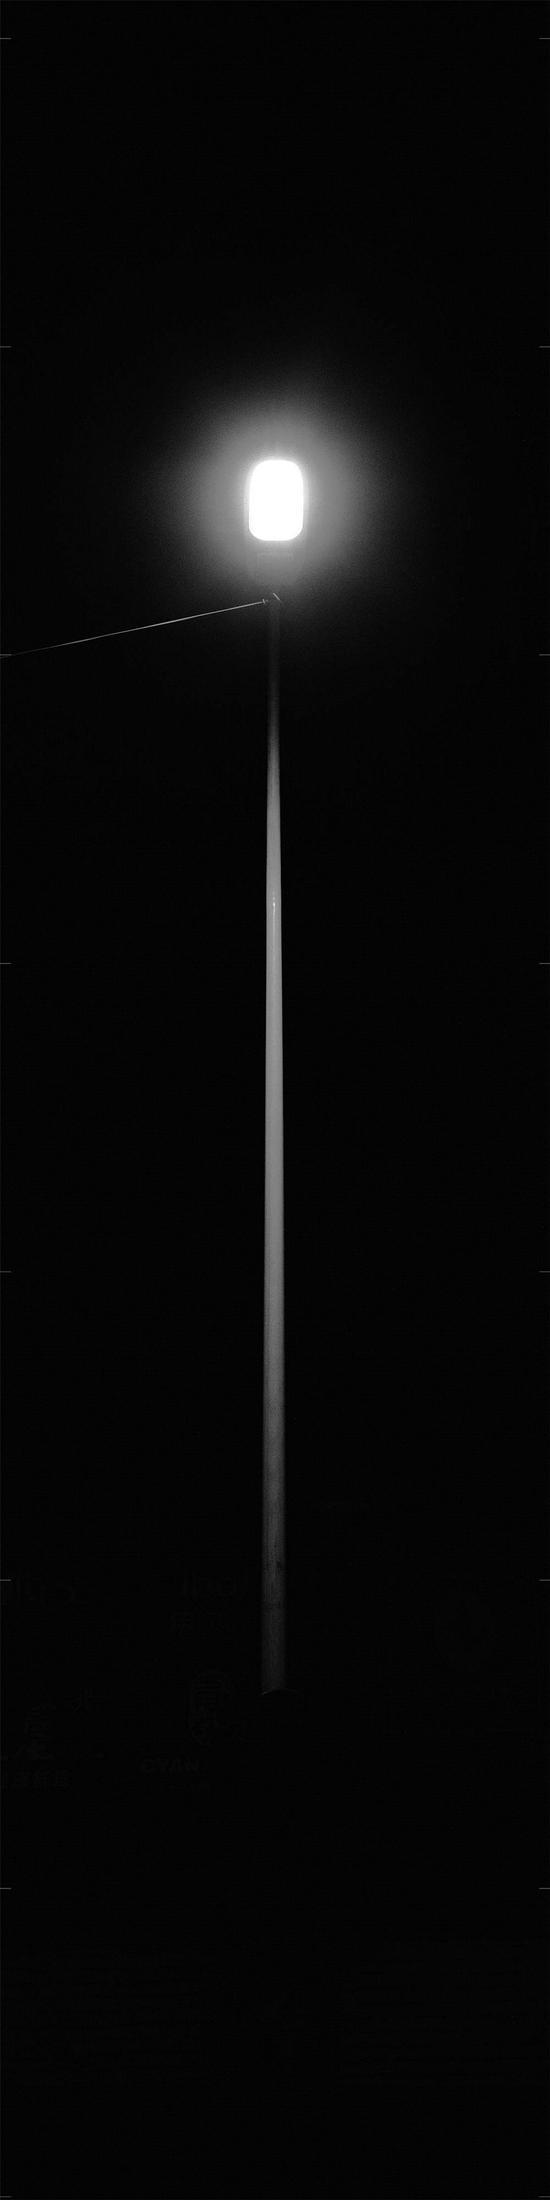 沈石京Shen Shijing 《公民09.17》Citizens09.17 400×100cm 数码微喷 Digital print 2018